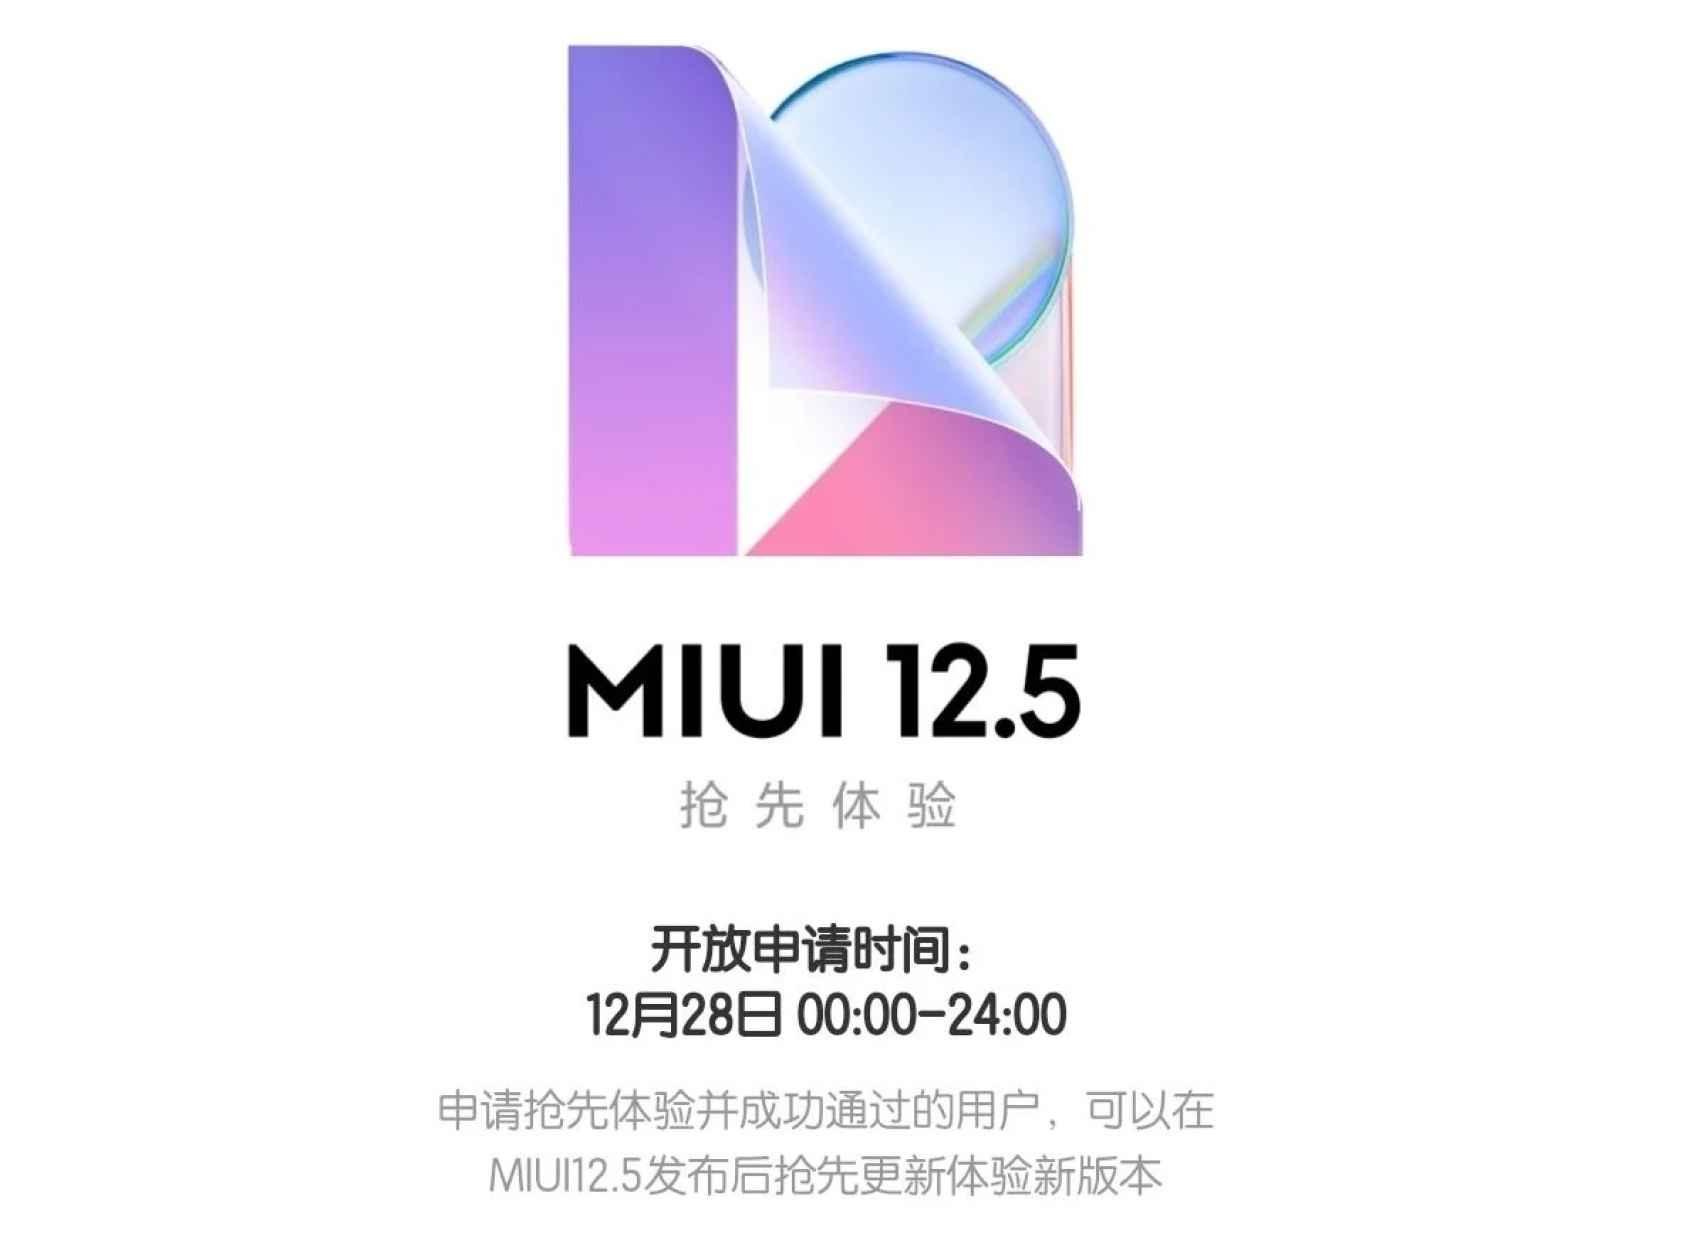 La beta cerrada de MIUI 12.5